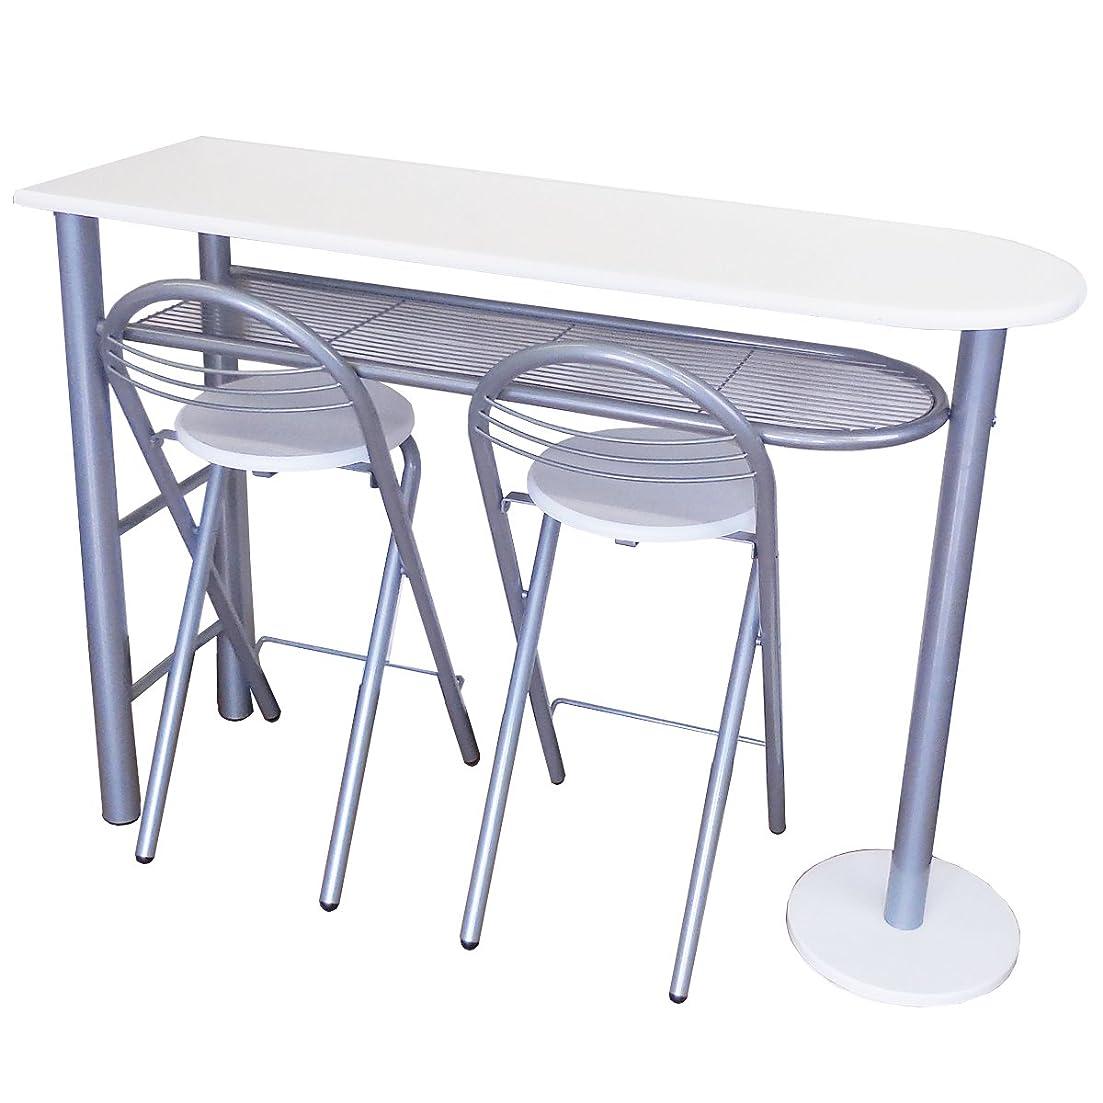 ぐったり欠かせない署名NaturalHouse カウンターテーブル 3点 セット ( カウンター テーブル チェア 2脚 ) ホワイト カウンター サイズ 幅 120 奥行 40 高さ 88 cm チェアー 座面 直径 30 cm CTC-2102